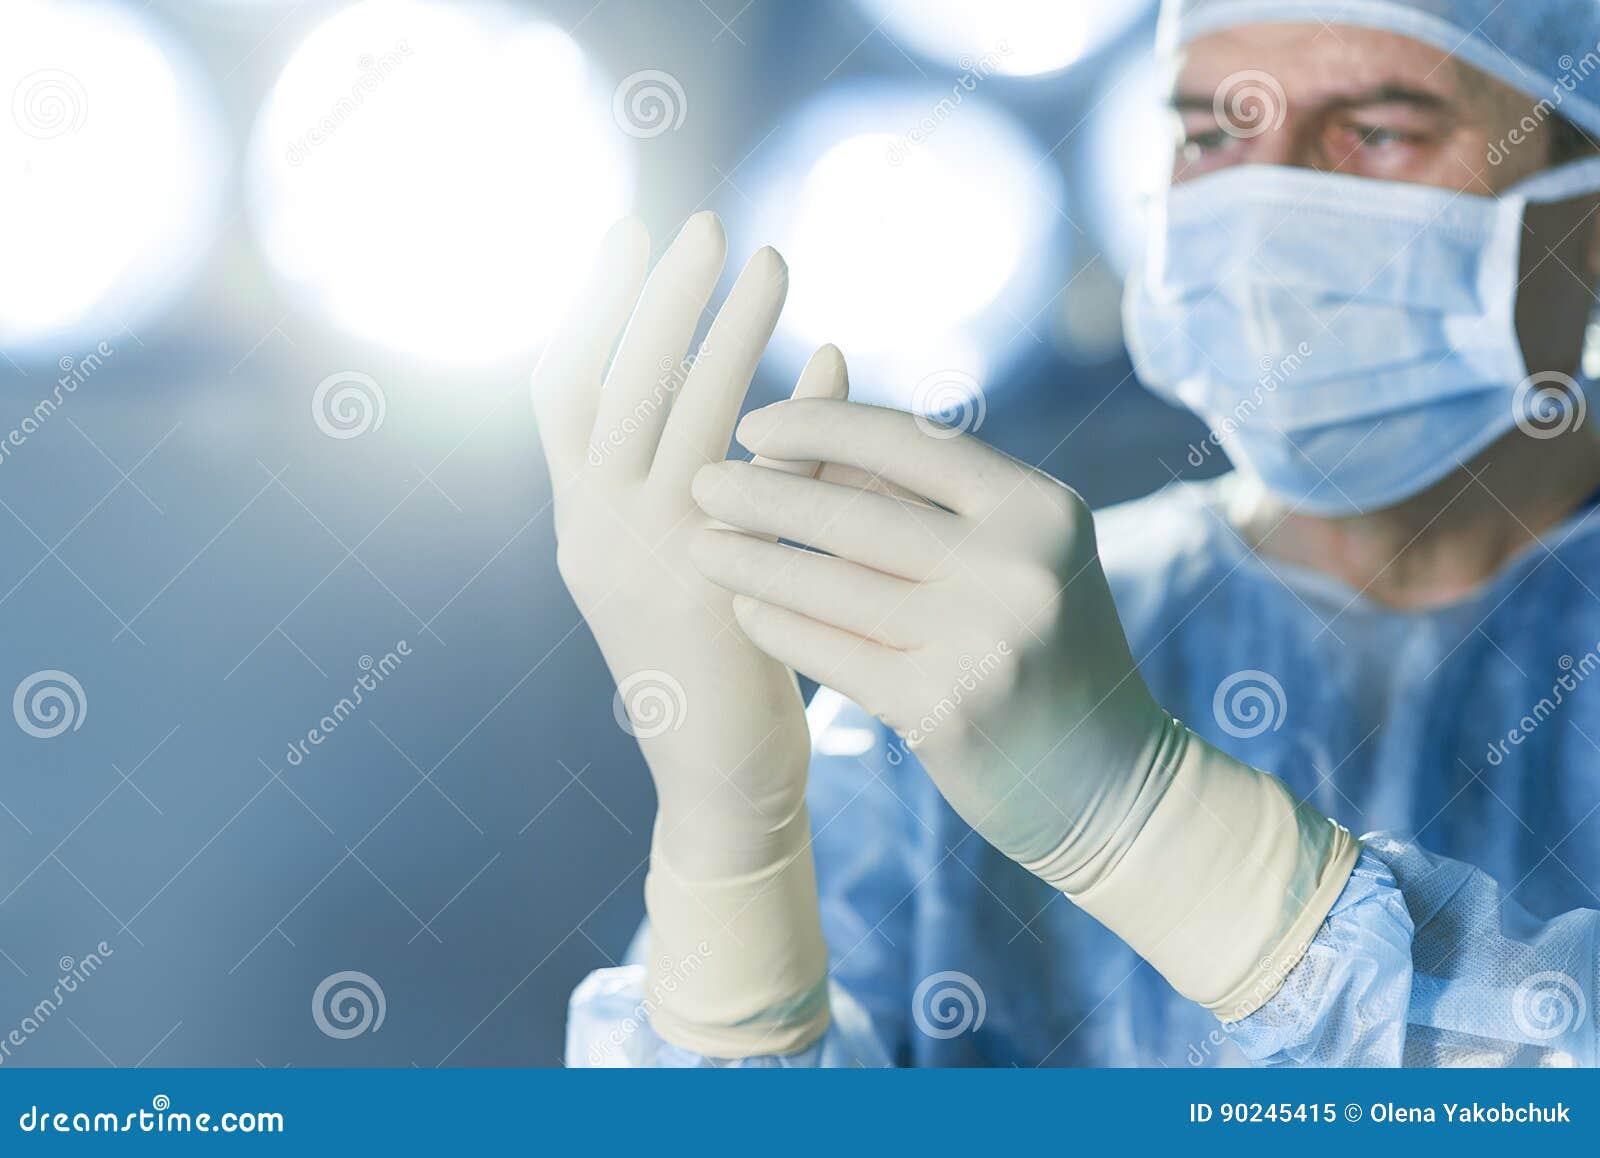 Cirujano concentrado vestido en uniforme protector